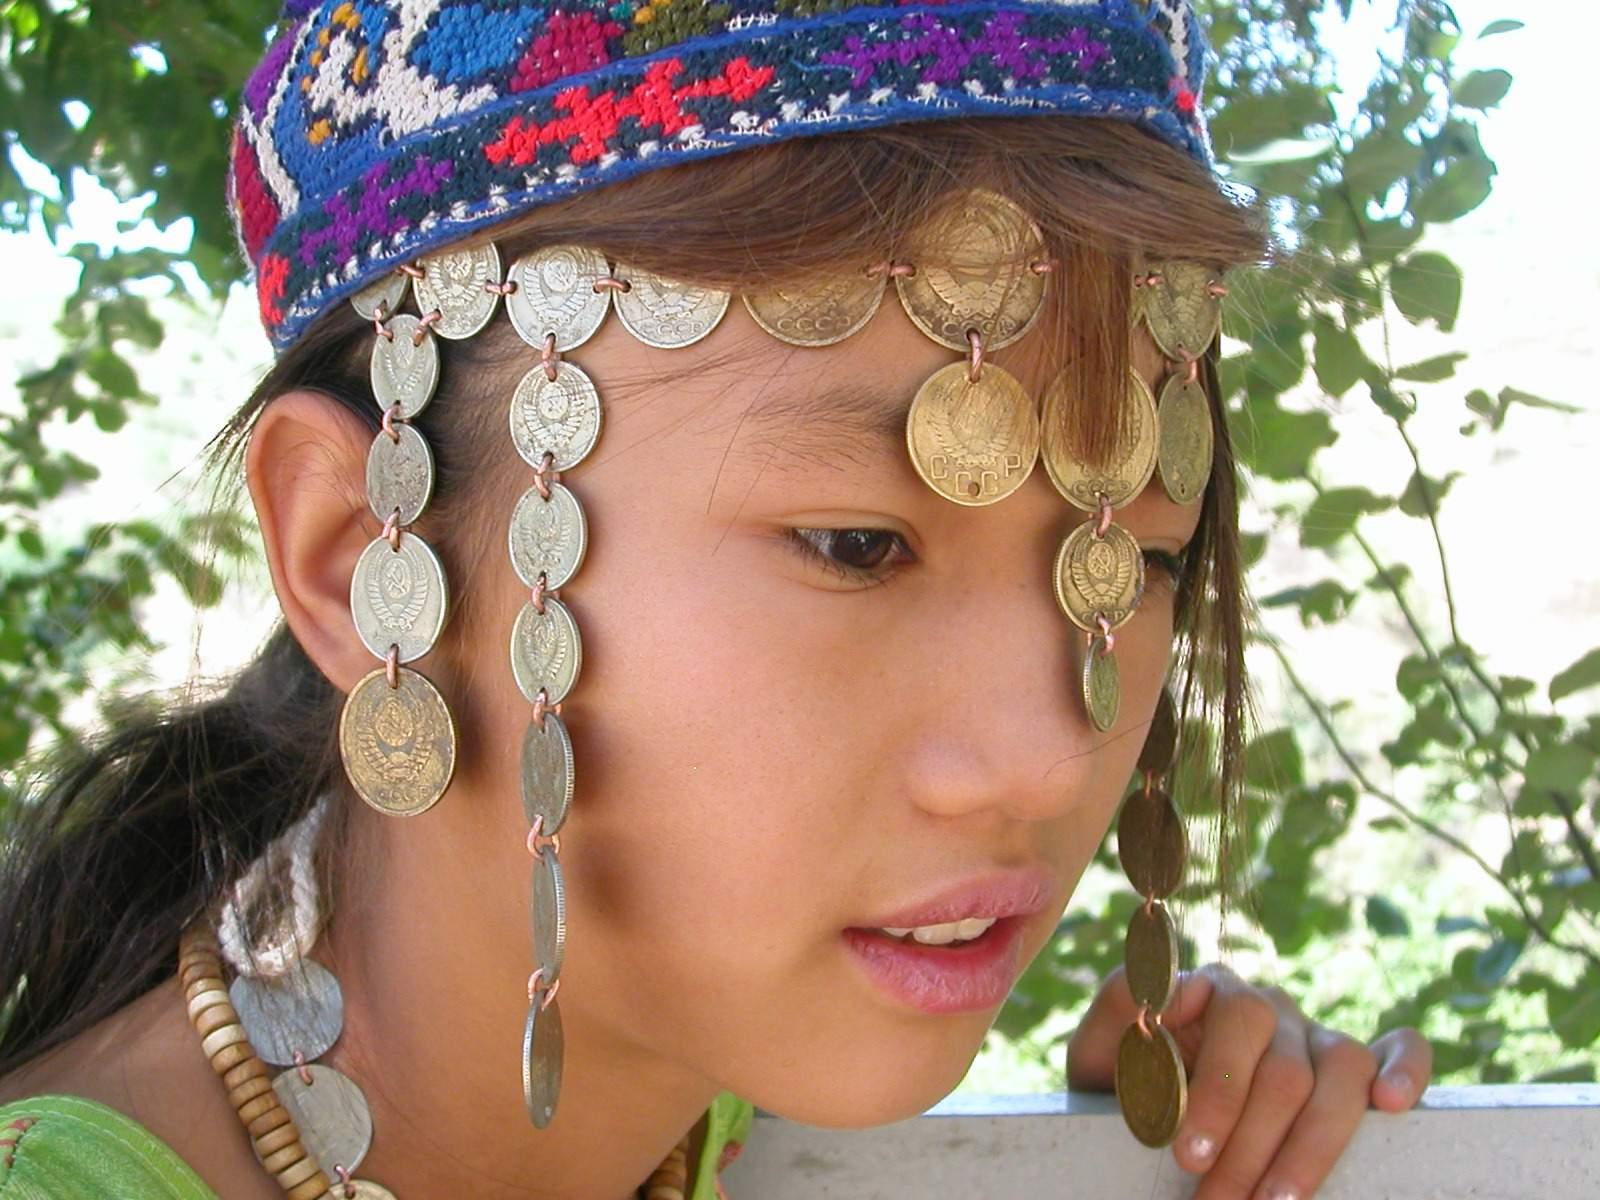 xifengzhen girls Mulheres gansu quer conhecer mulheres em todo o mundo, clique aqui e você pode conversar com milhares de mulheres a partir de gansu.